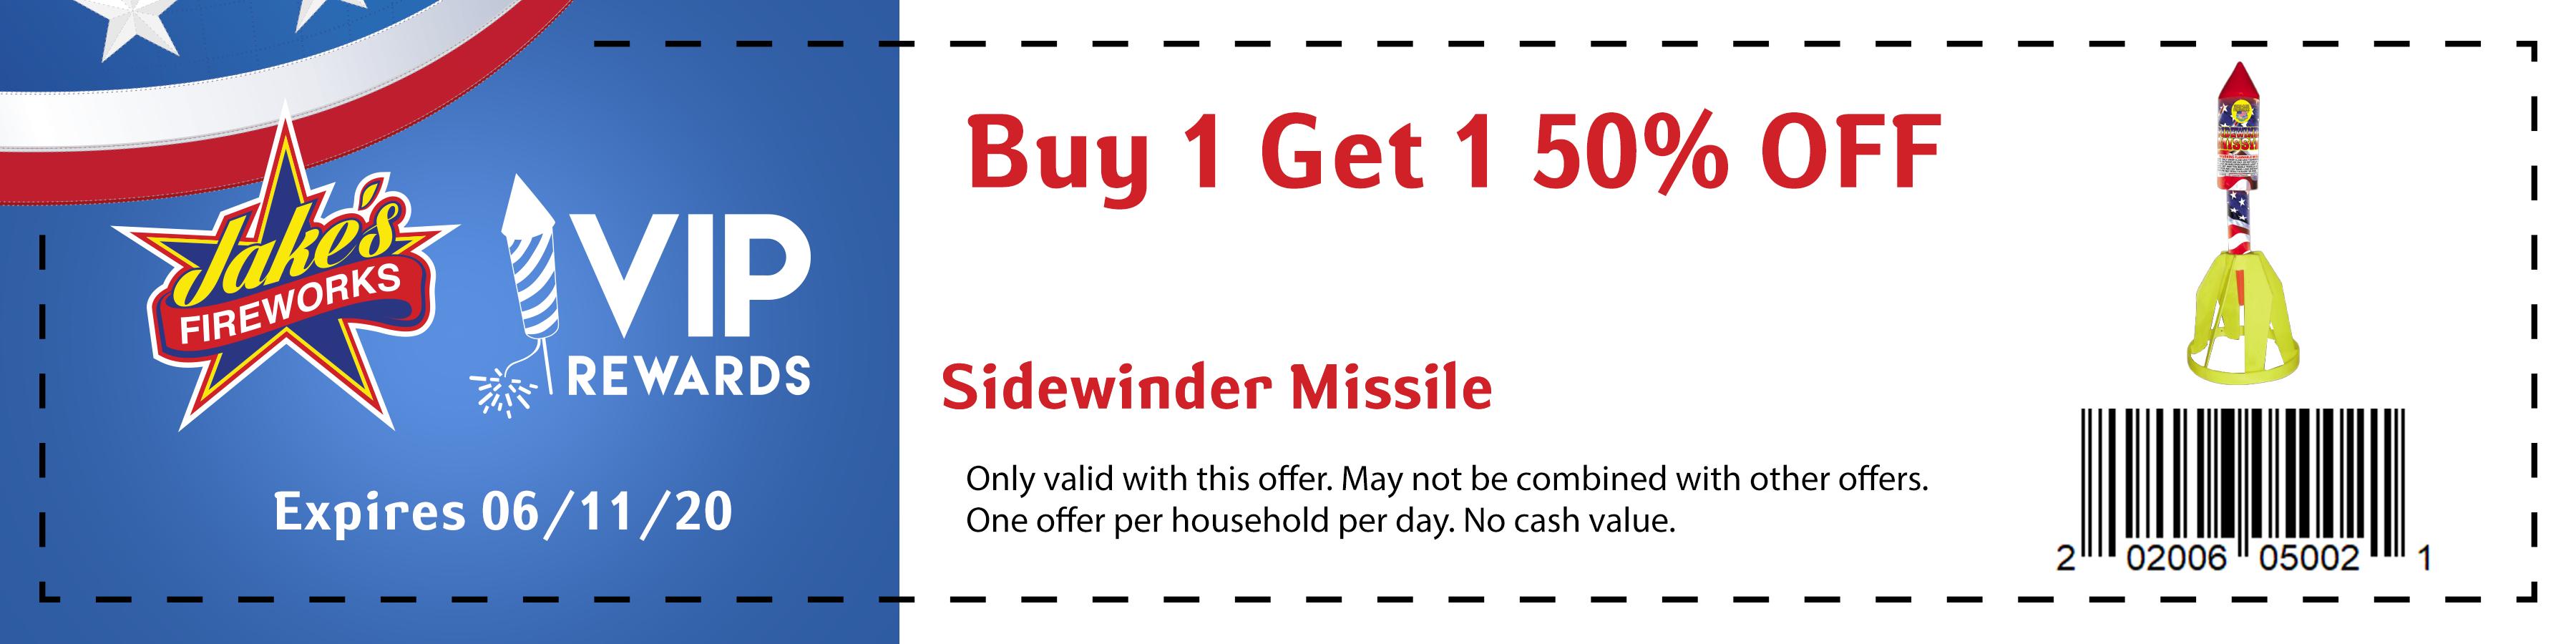 sidewinderb1g1